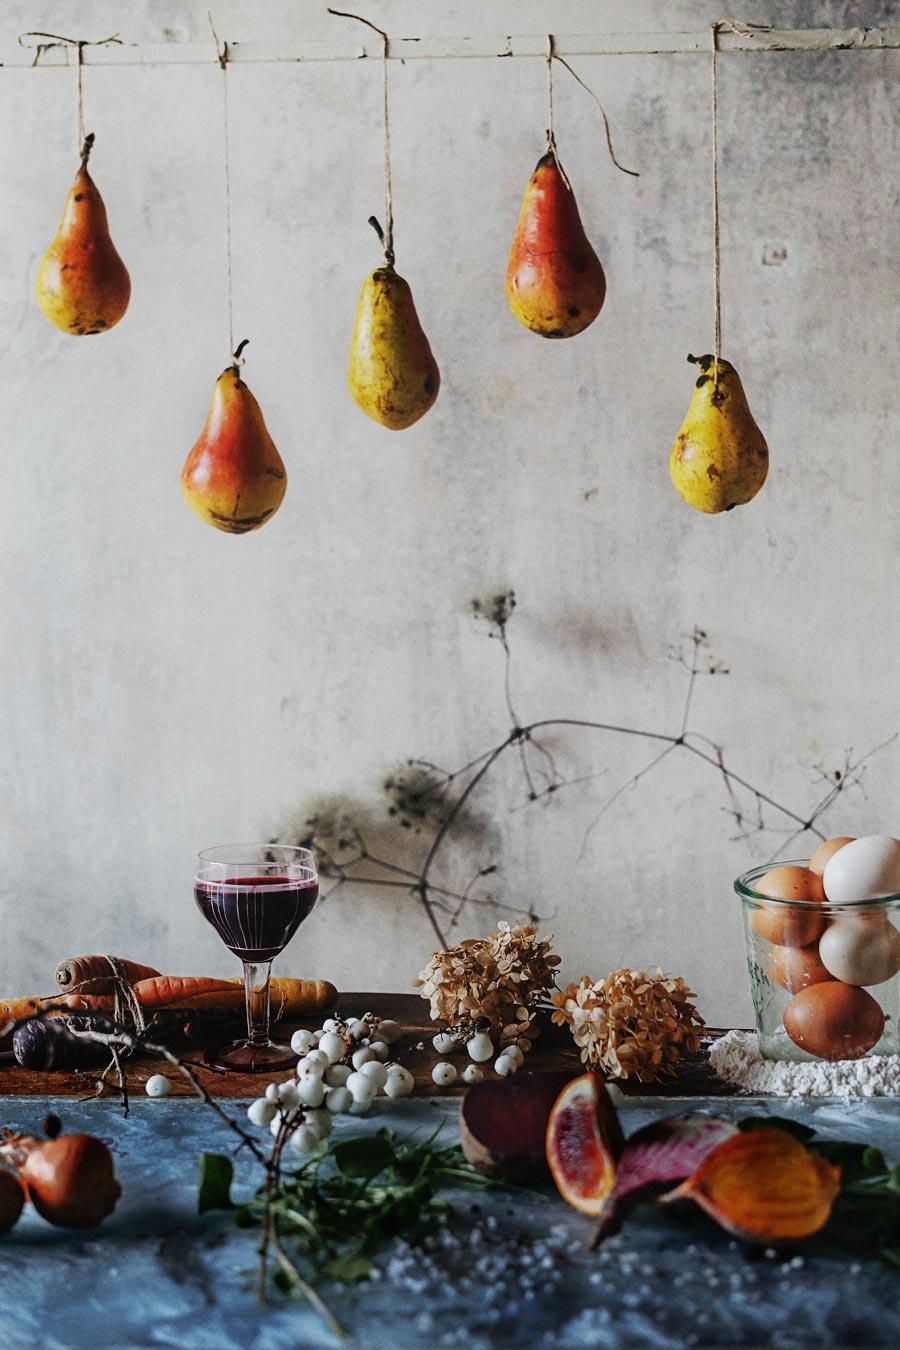 http://www.antjekroeger.de/ak/wordpress/wp-content/uploads/2016/01/foodworkshop_antjekroeger5.jpg